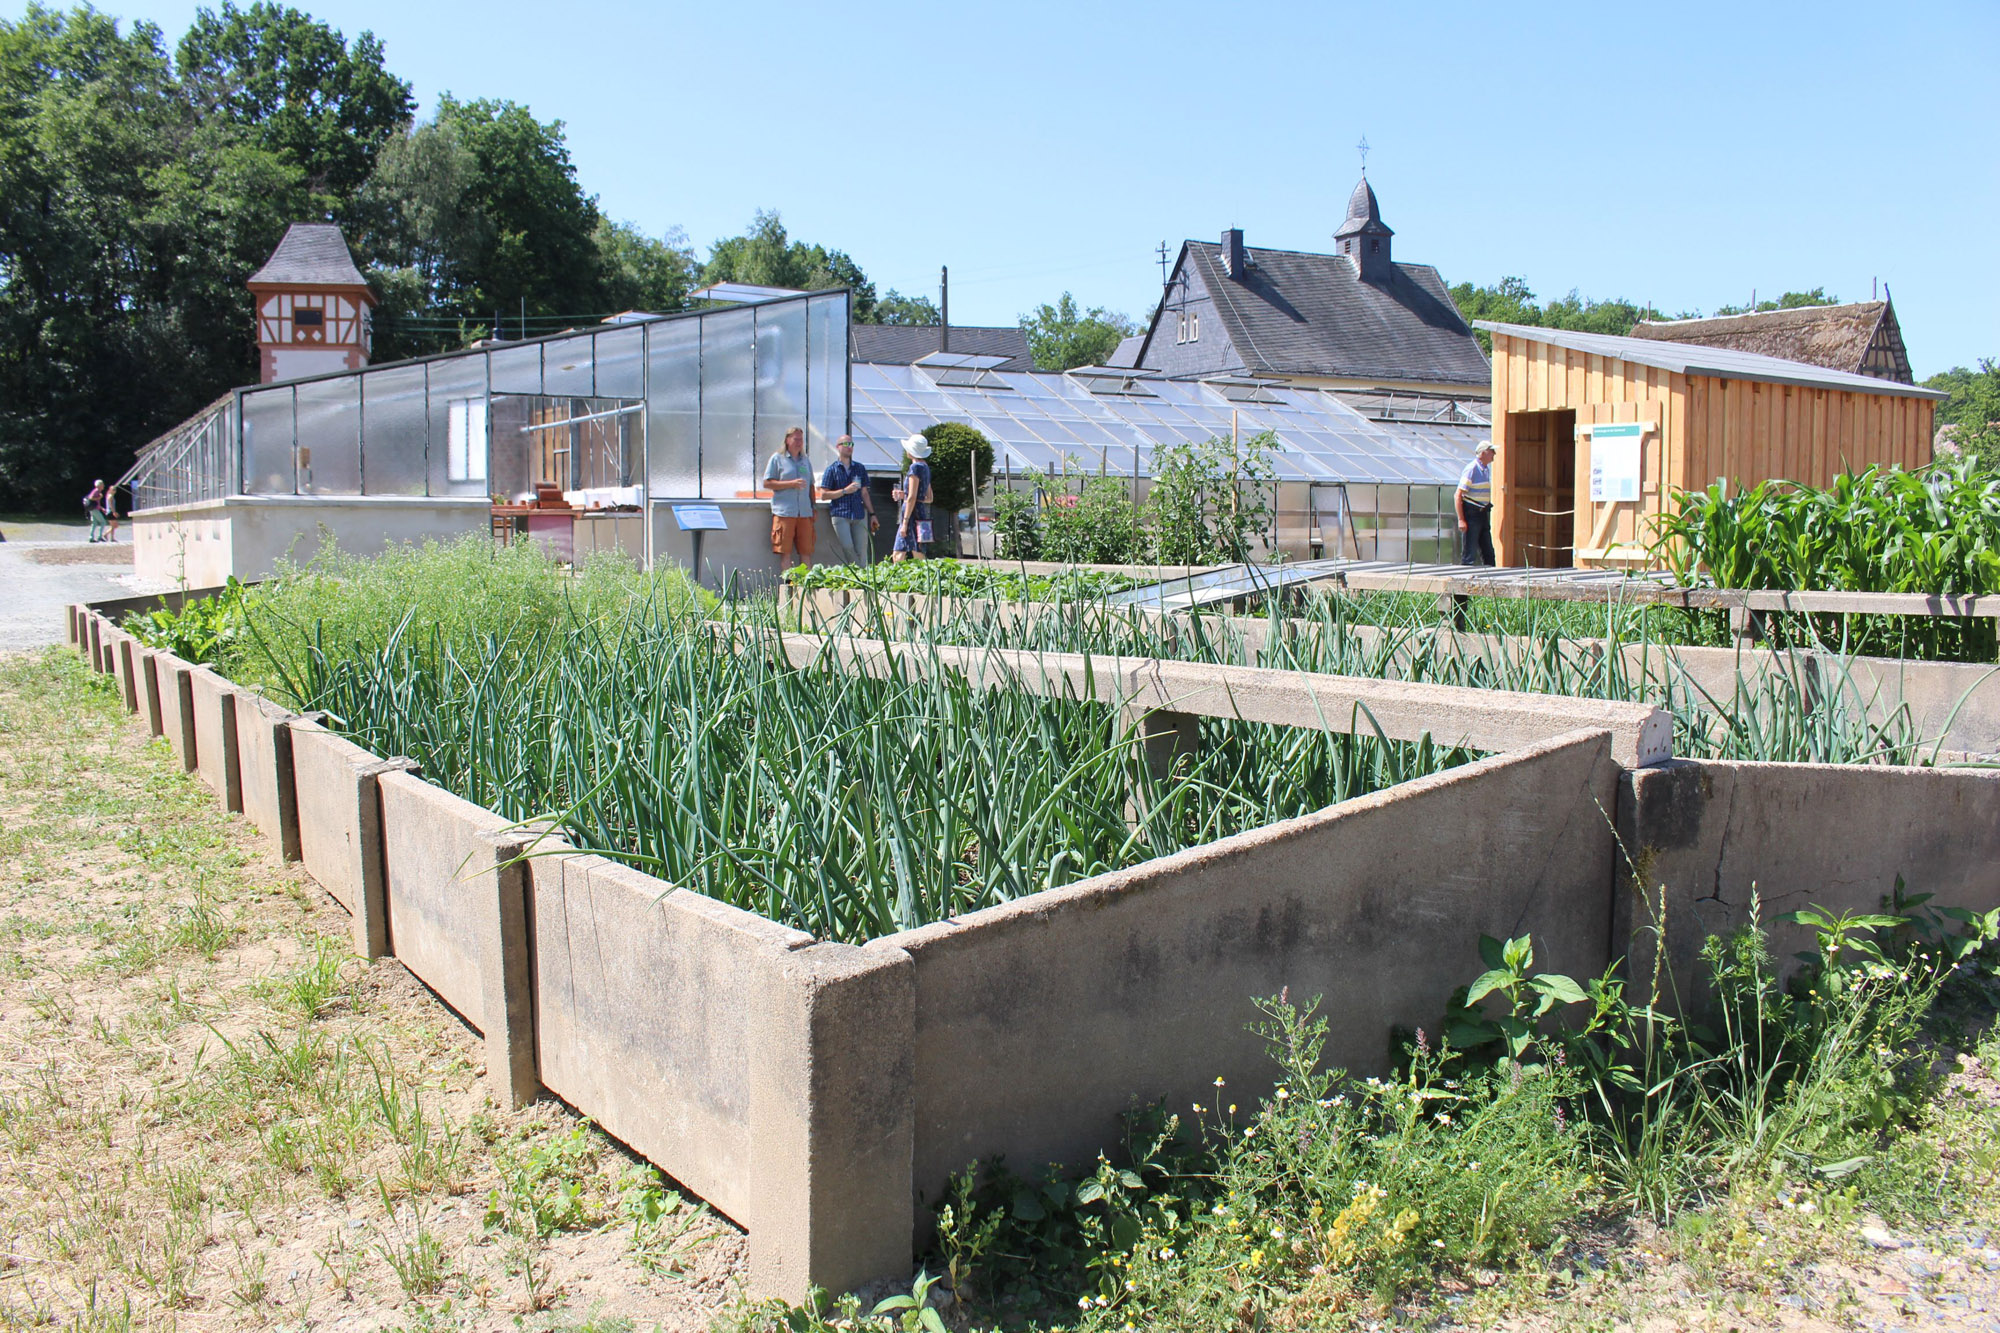 Große Beetkästen befinden sich vor dem Gärtnereigebäude, das man im Hintergrund erkennen kann.